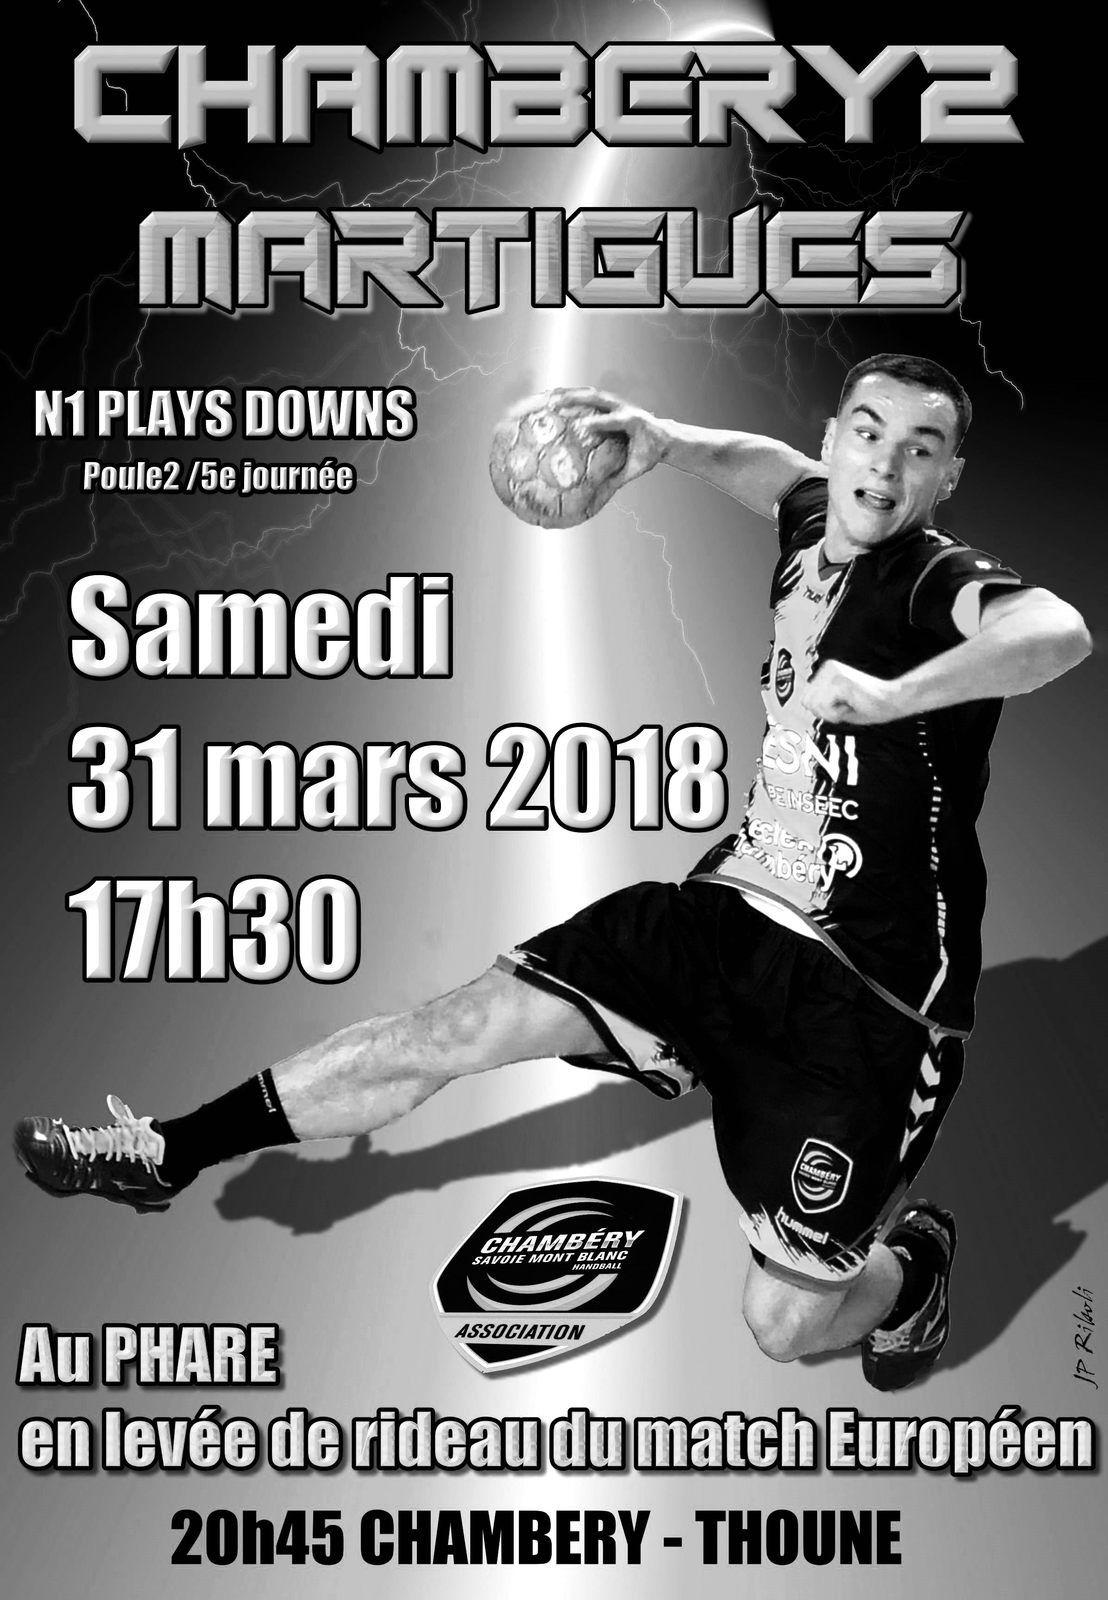 Compilation de photos saison 2017 - 2018 / Jean Pierre RIBOLI